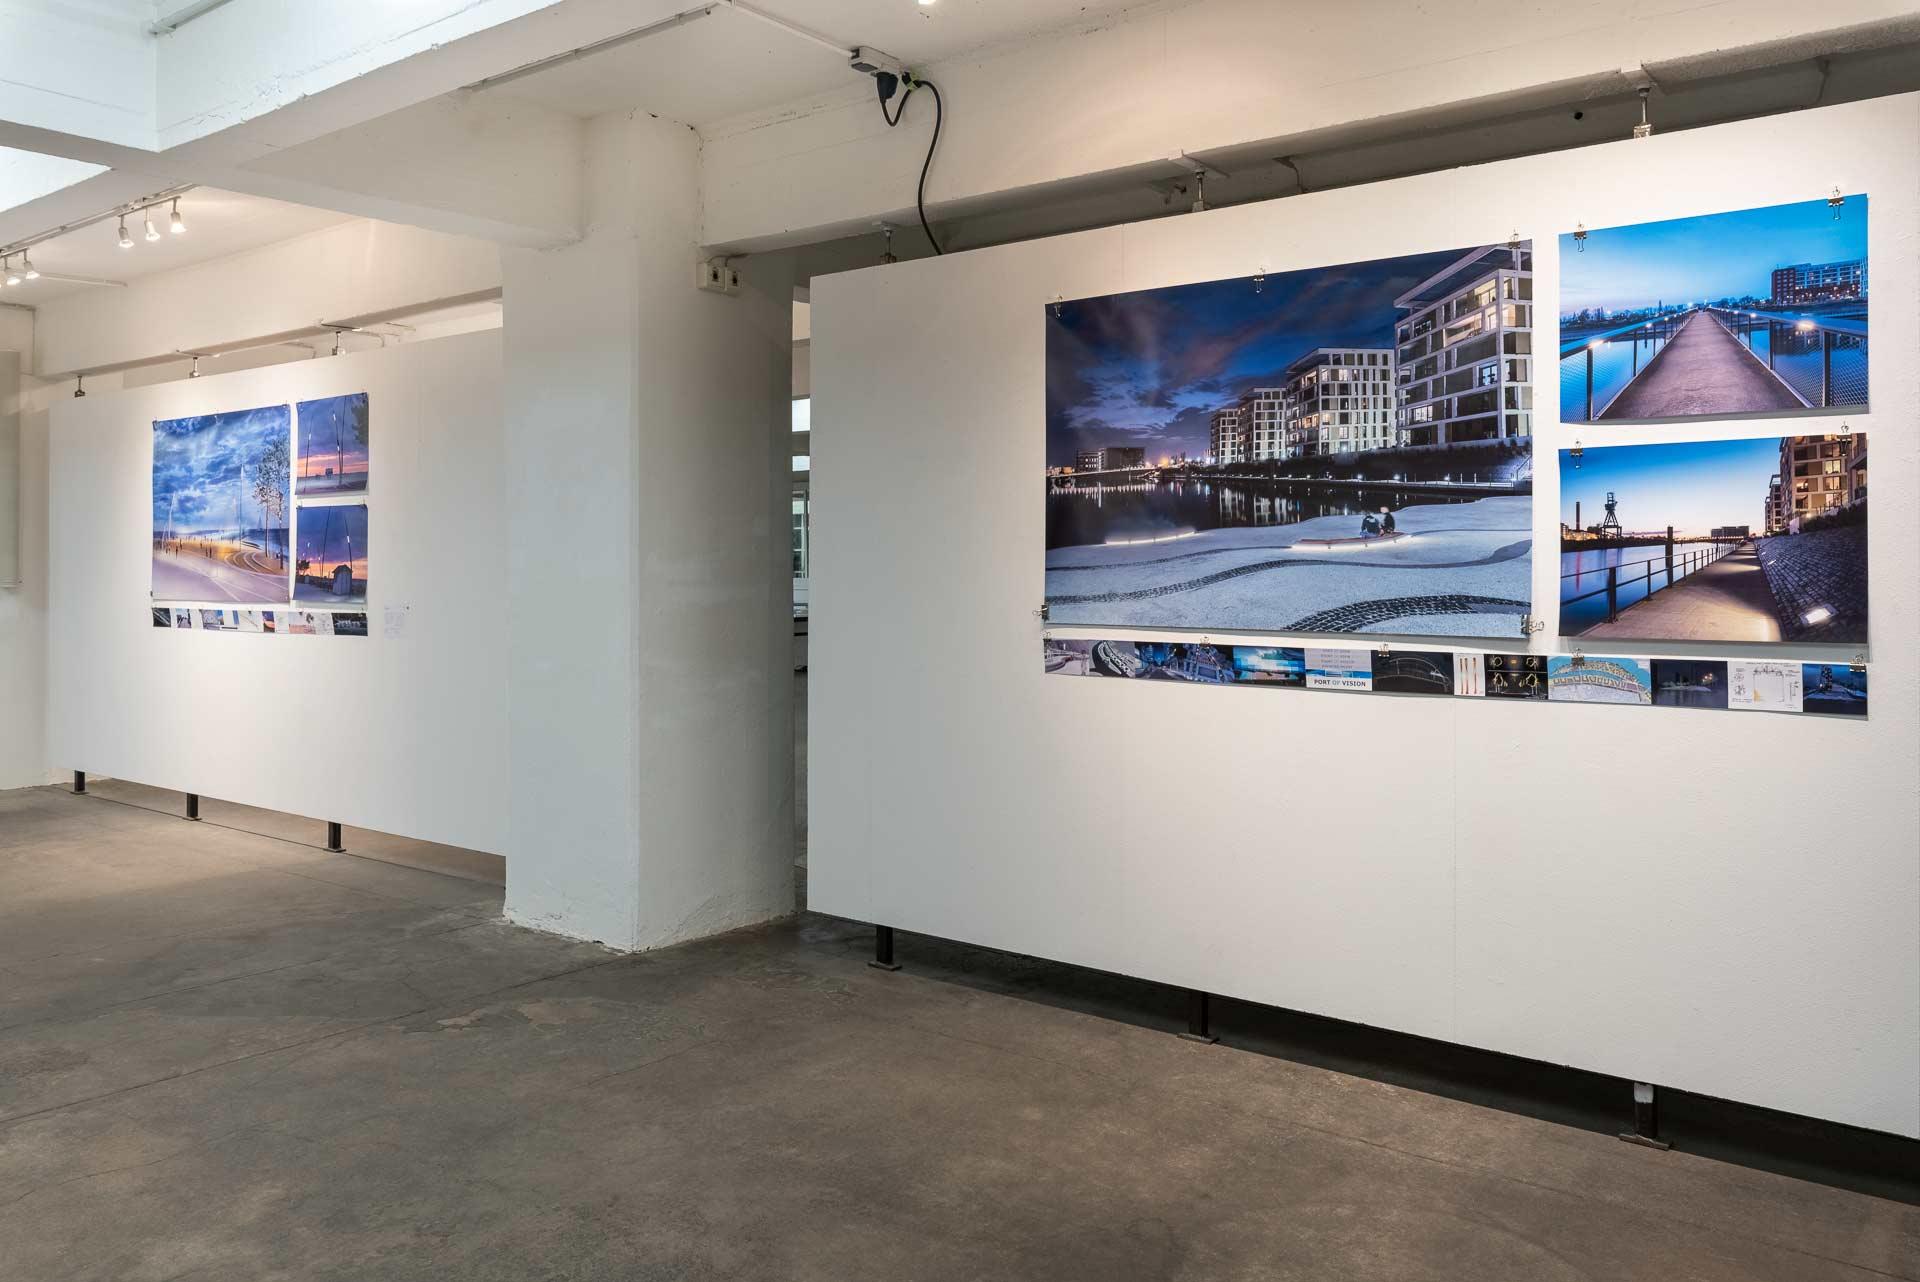 Fotografie / Image / Studio DL - Ausstellung